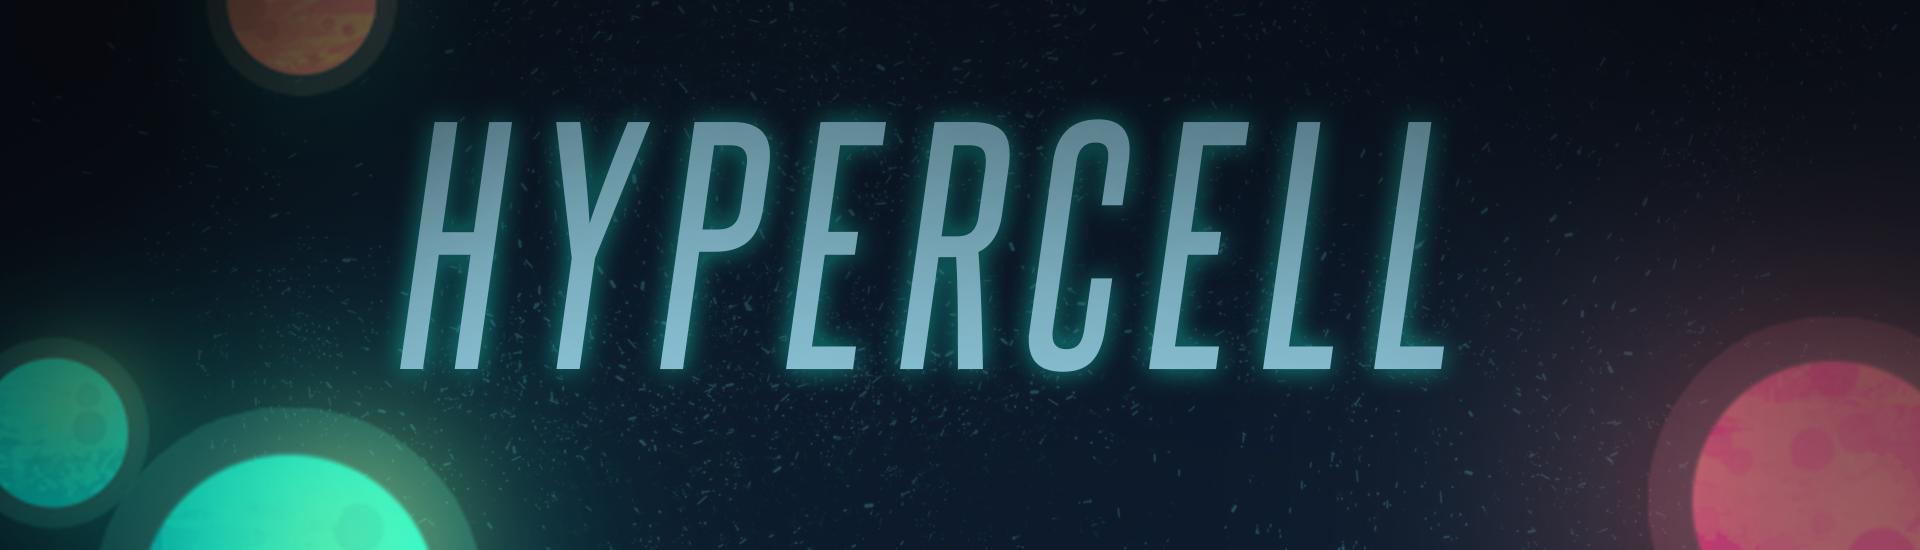 Hypercell